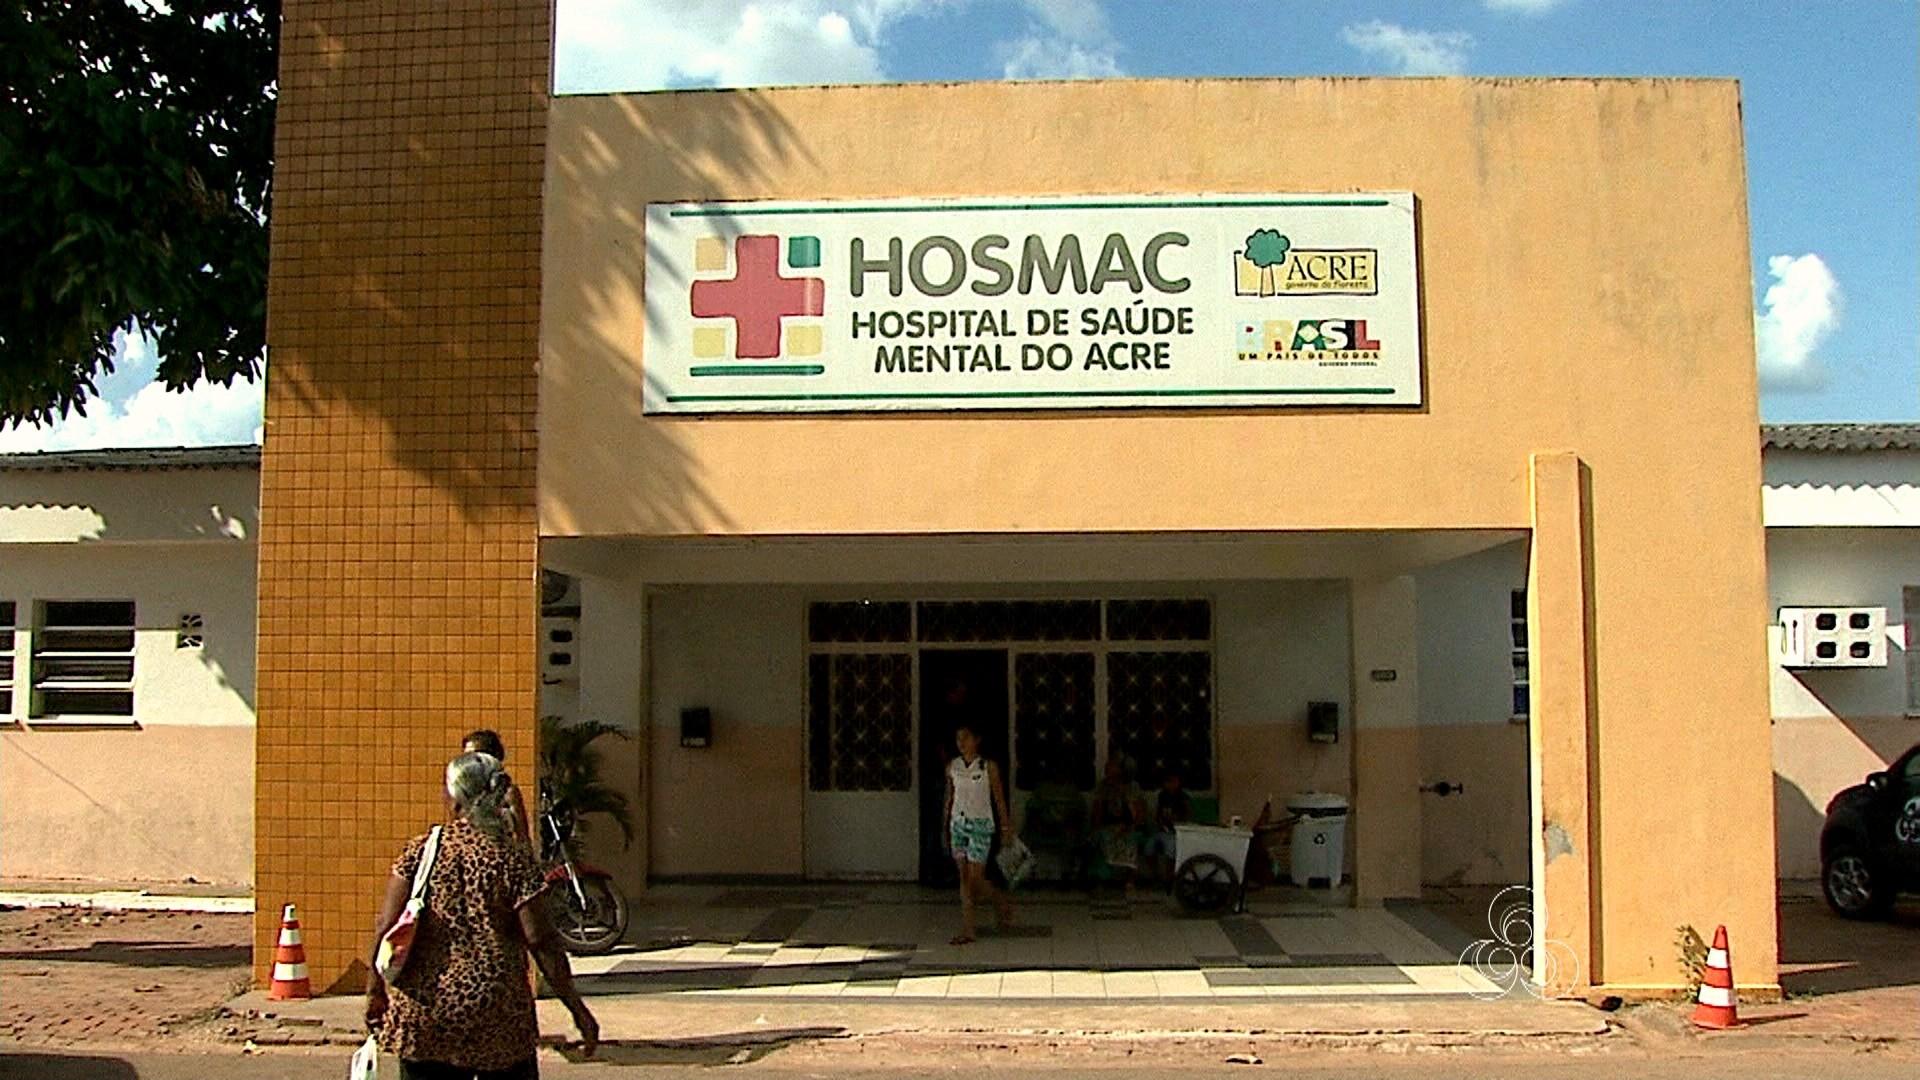 Diretor do Hospital de Saúde Mental no AC é denunciado por assédio sexual e moral contra servidores